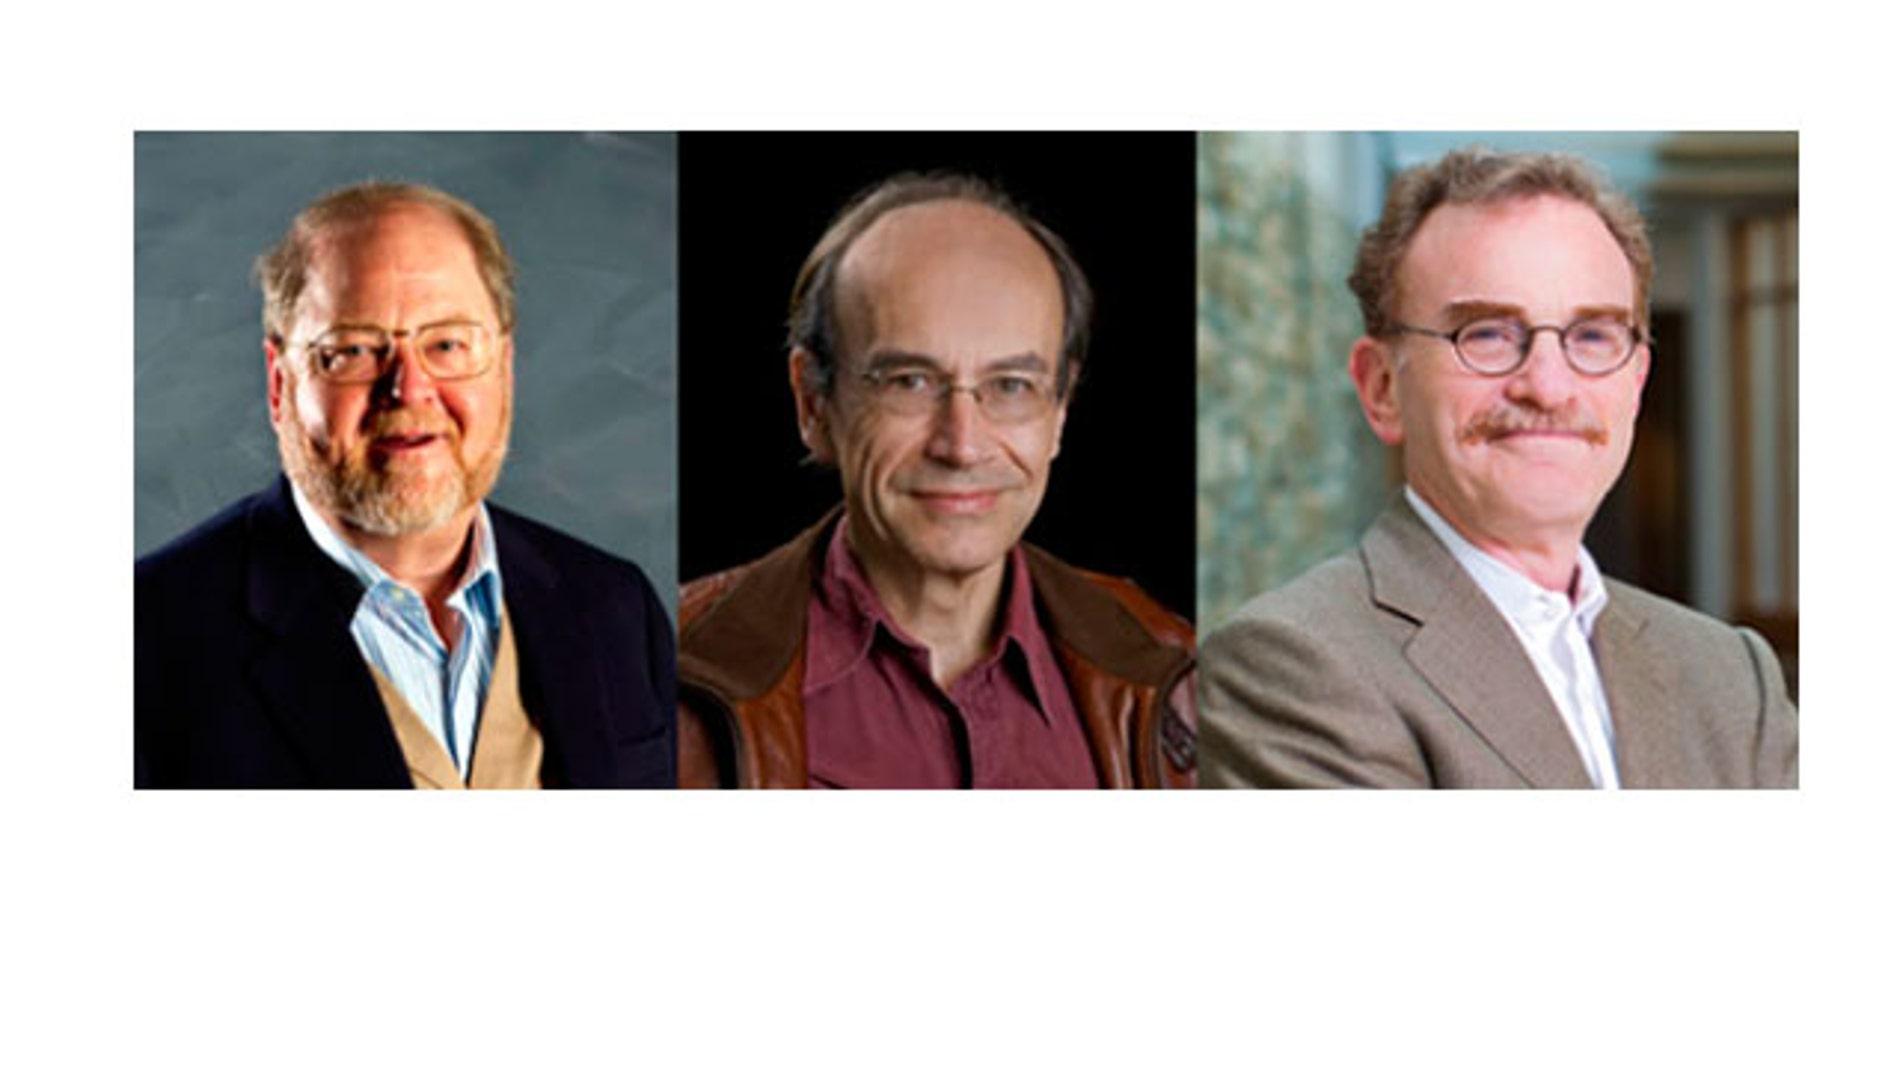 Premio Nobel de Medicina 2013